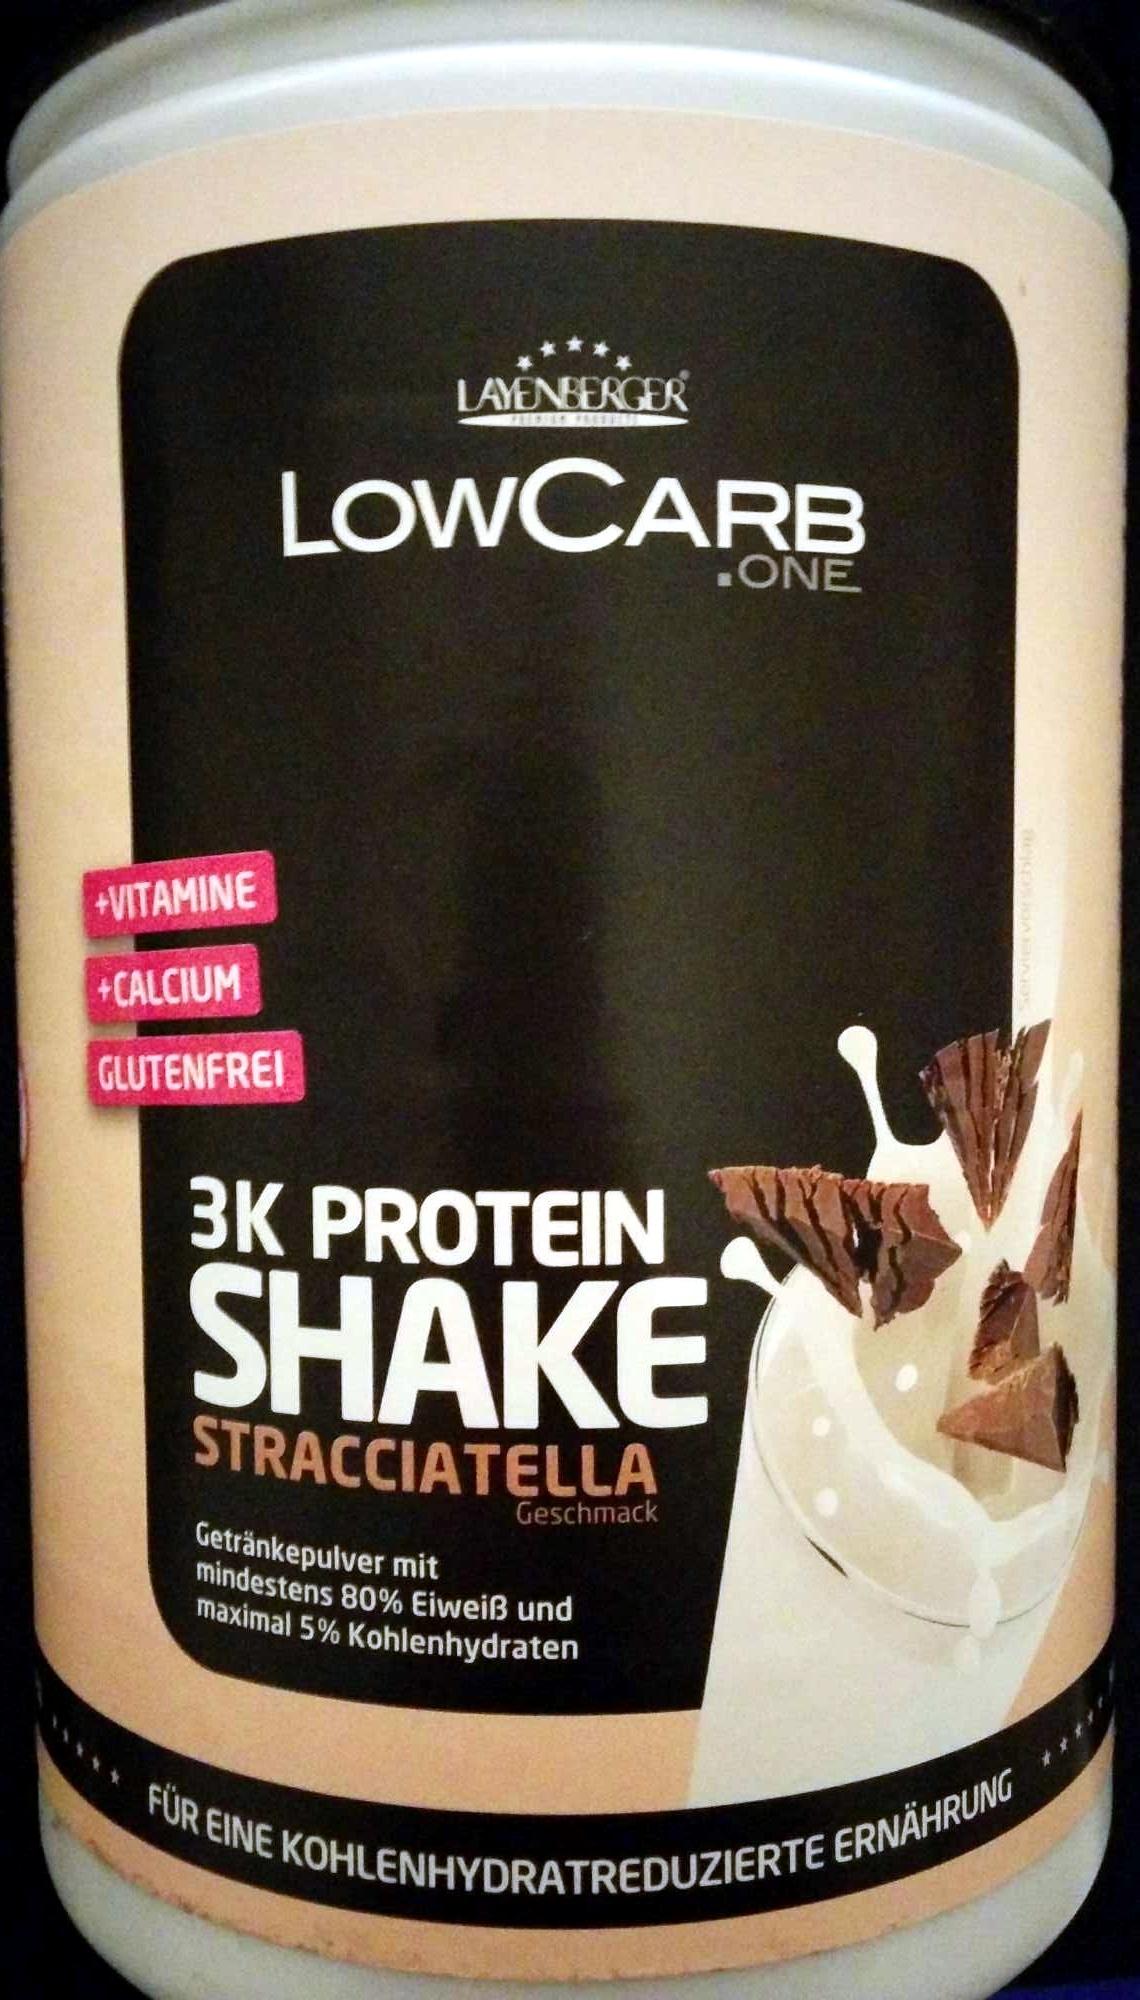 3K Protein Shake Stracciatella - Prodotto - de